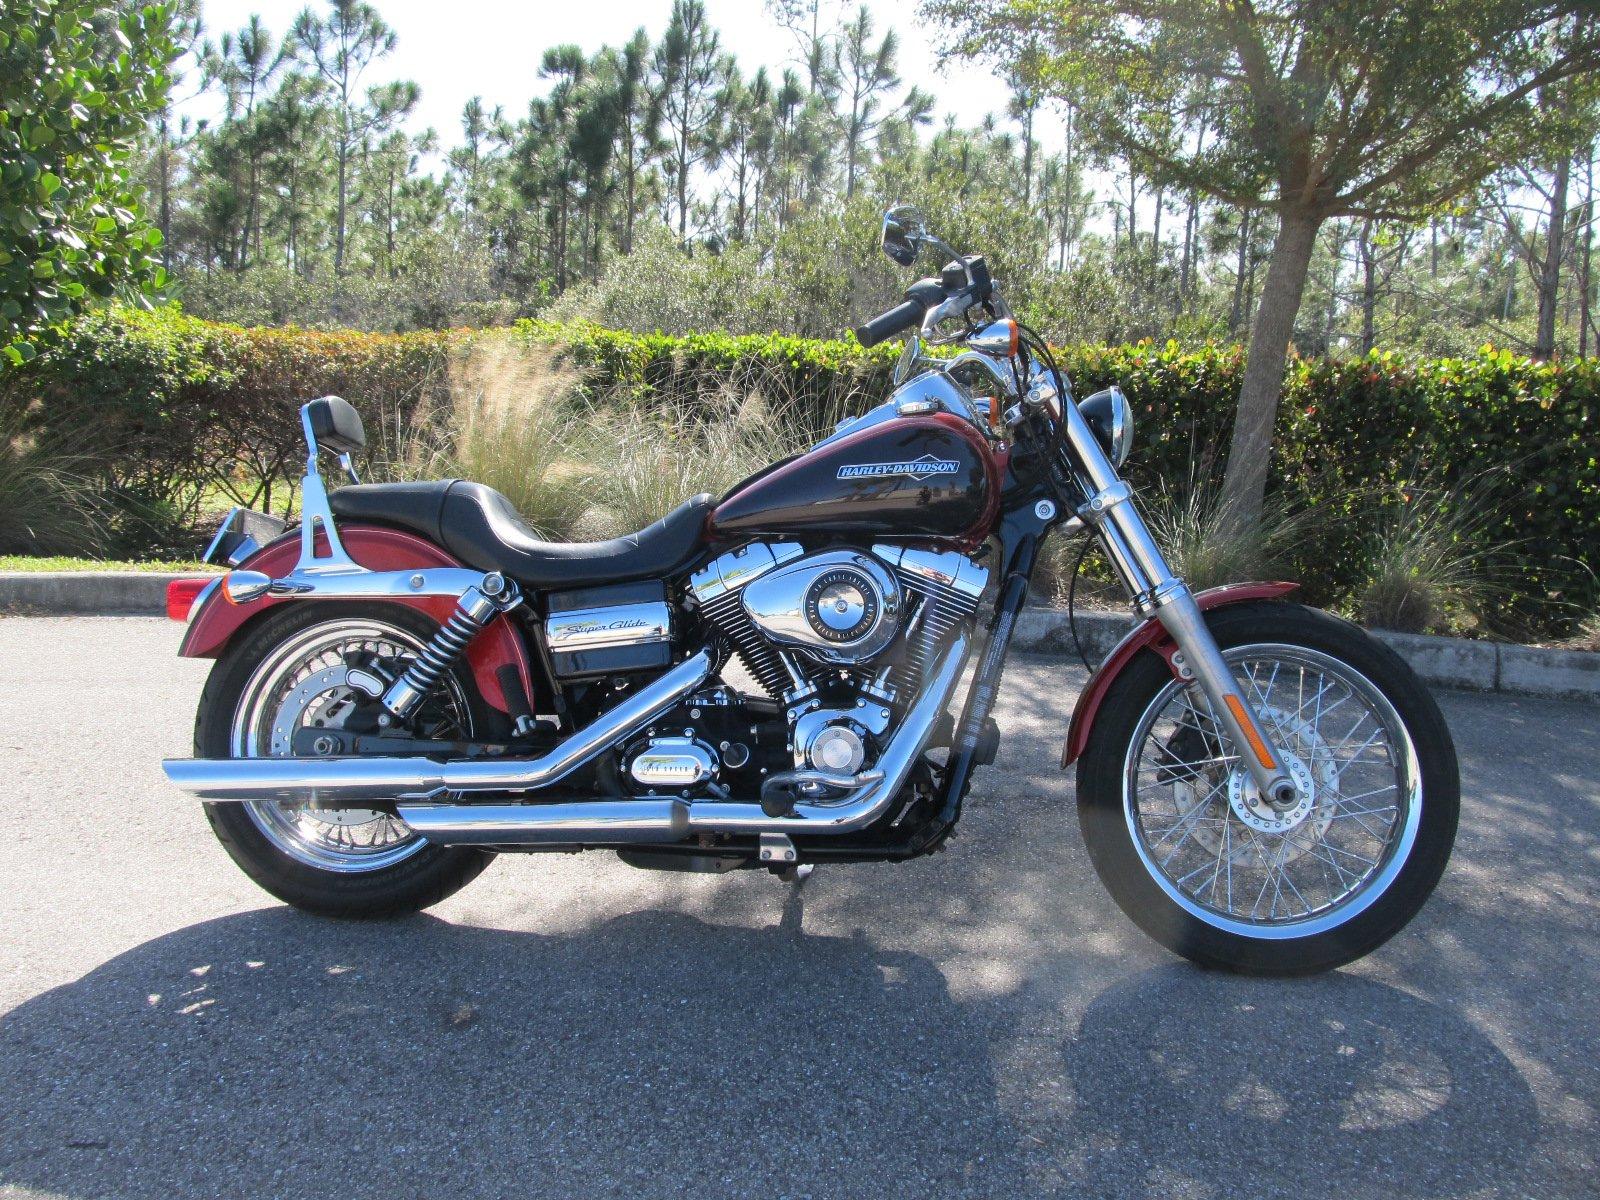 Pre-Owned 2012 Harley-Davidson Dyna Super Glide Custom FXDC